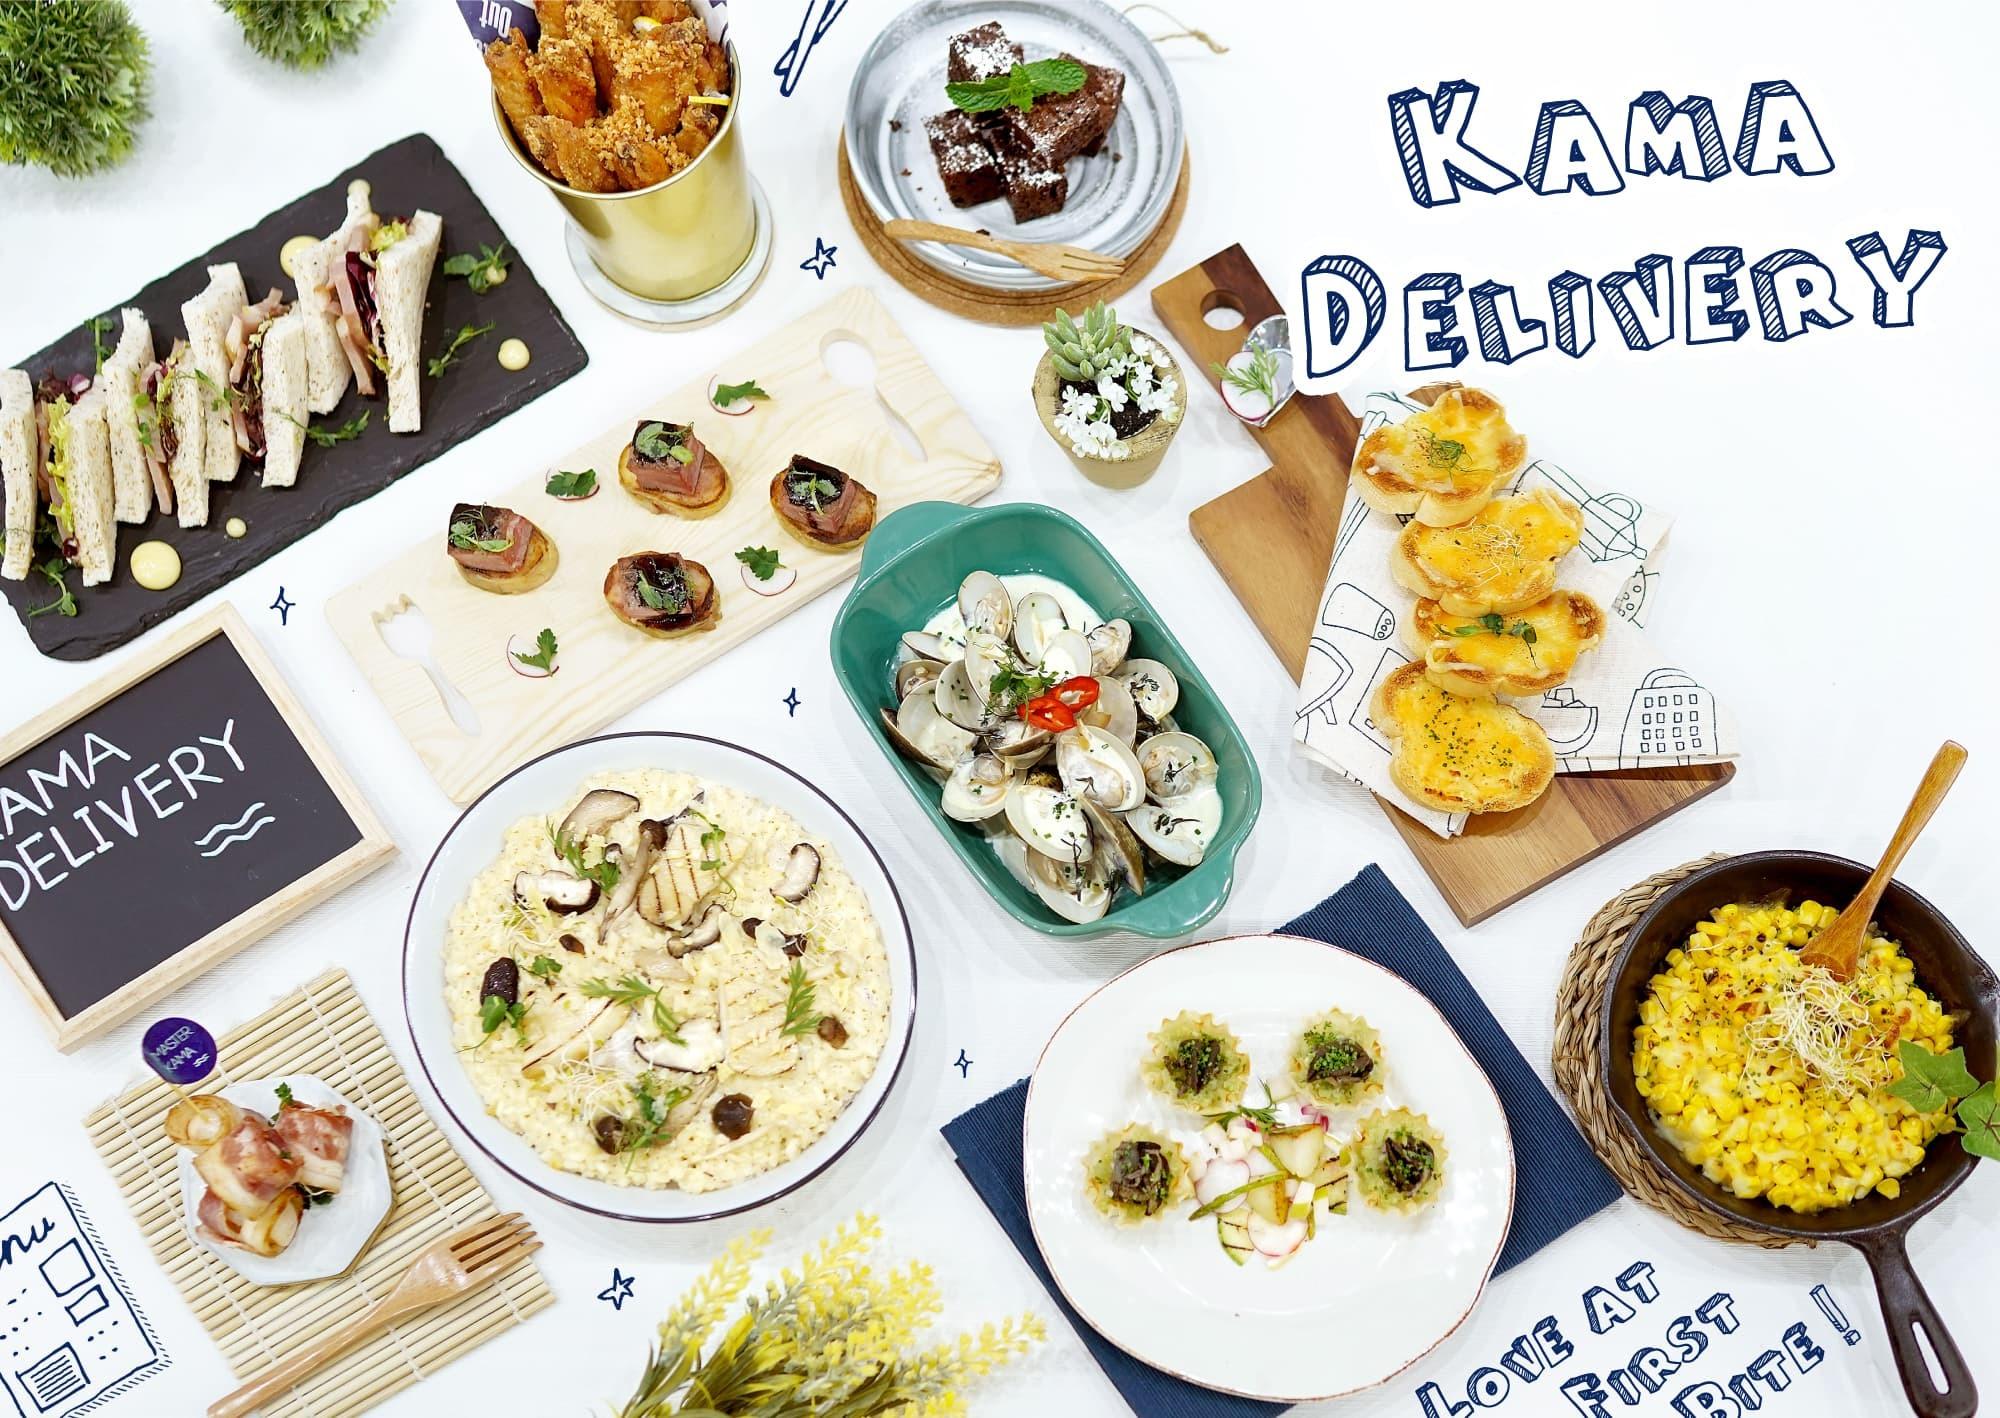 Kama Delivery超值到會外賣推介 抵食沙律、小食、肉類、海鮮、飯類、意粉